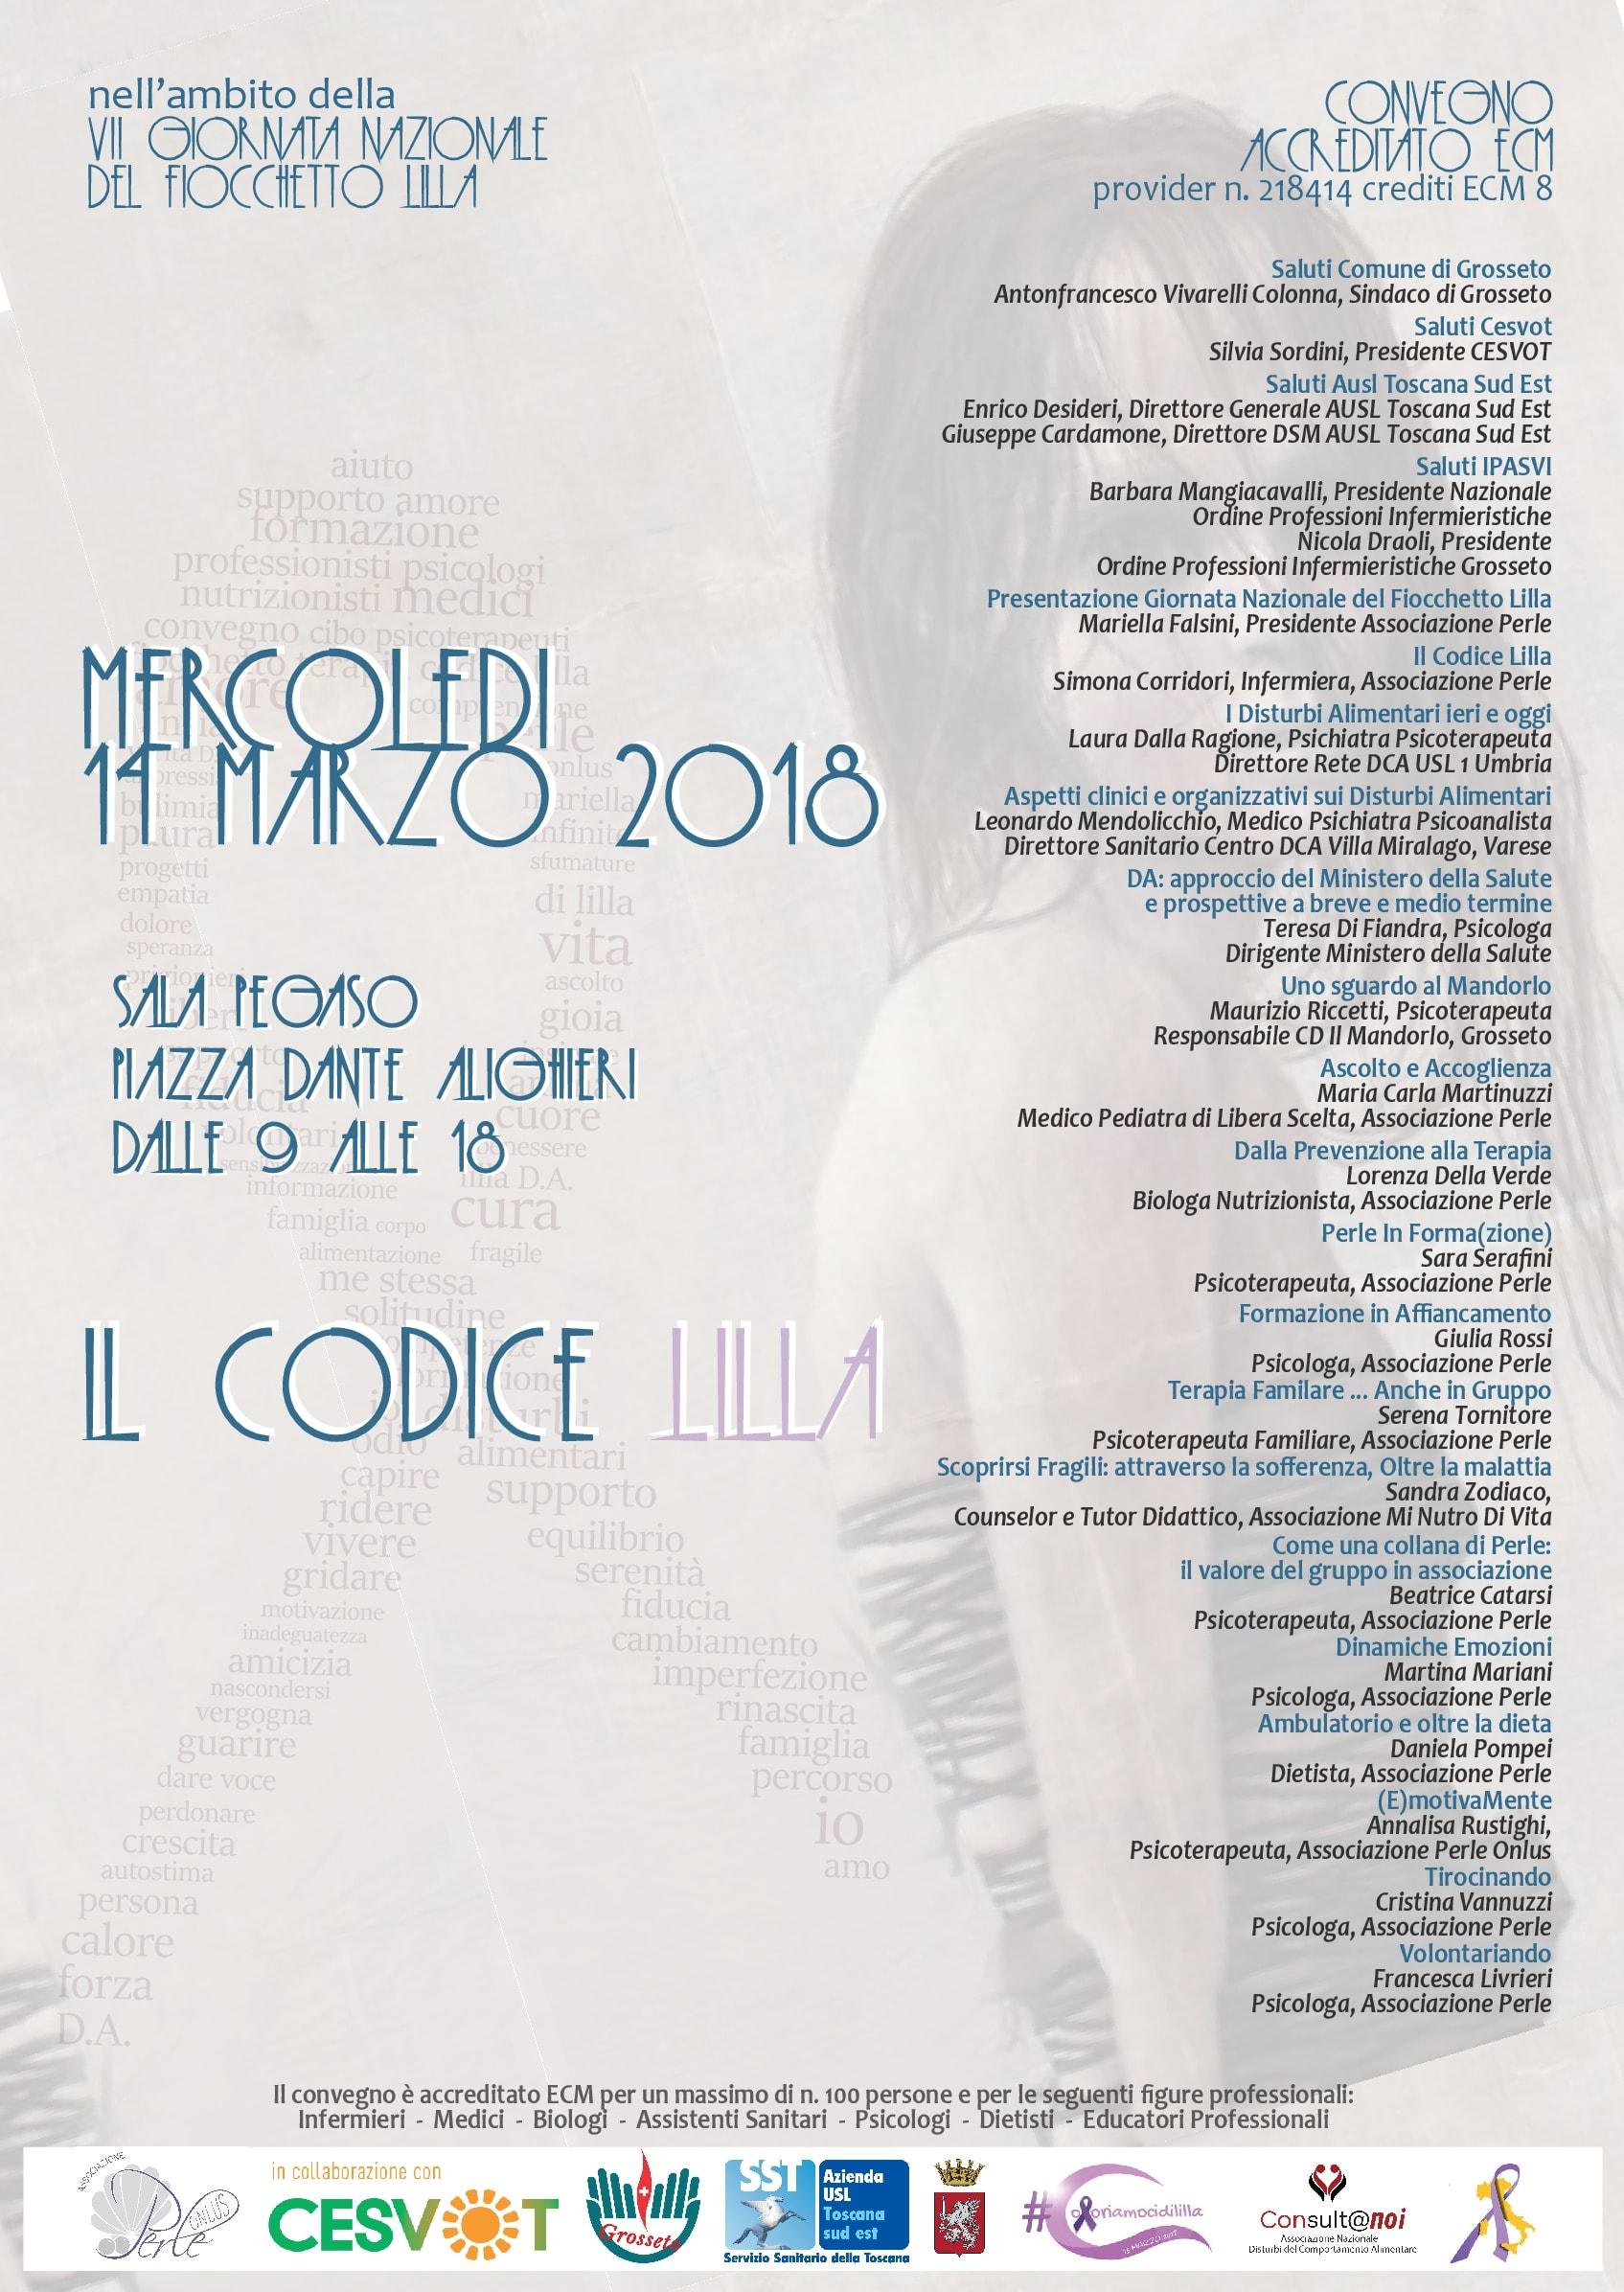 locandina fiocco lilla 001 min